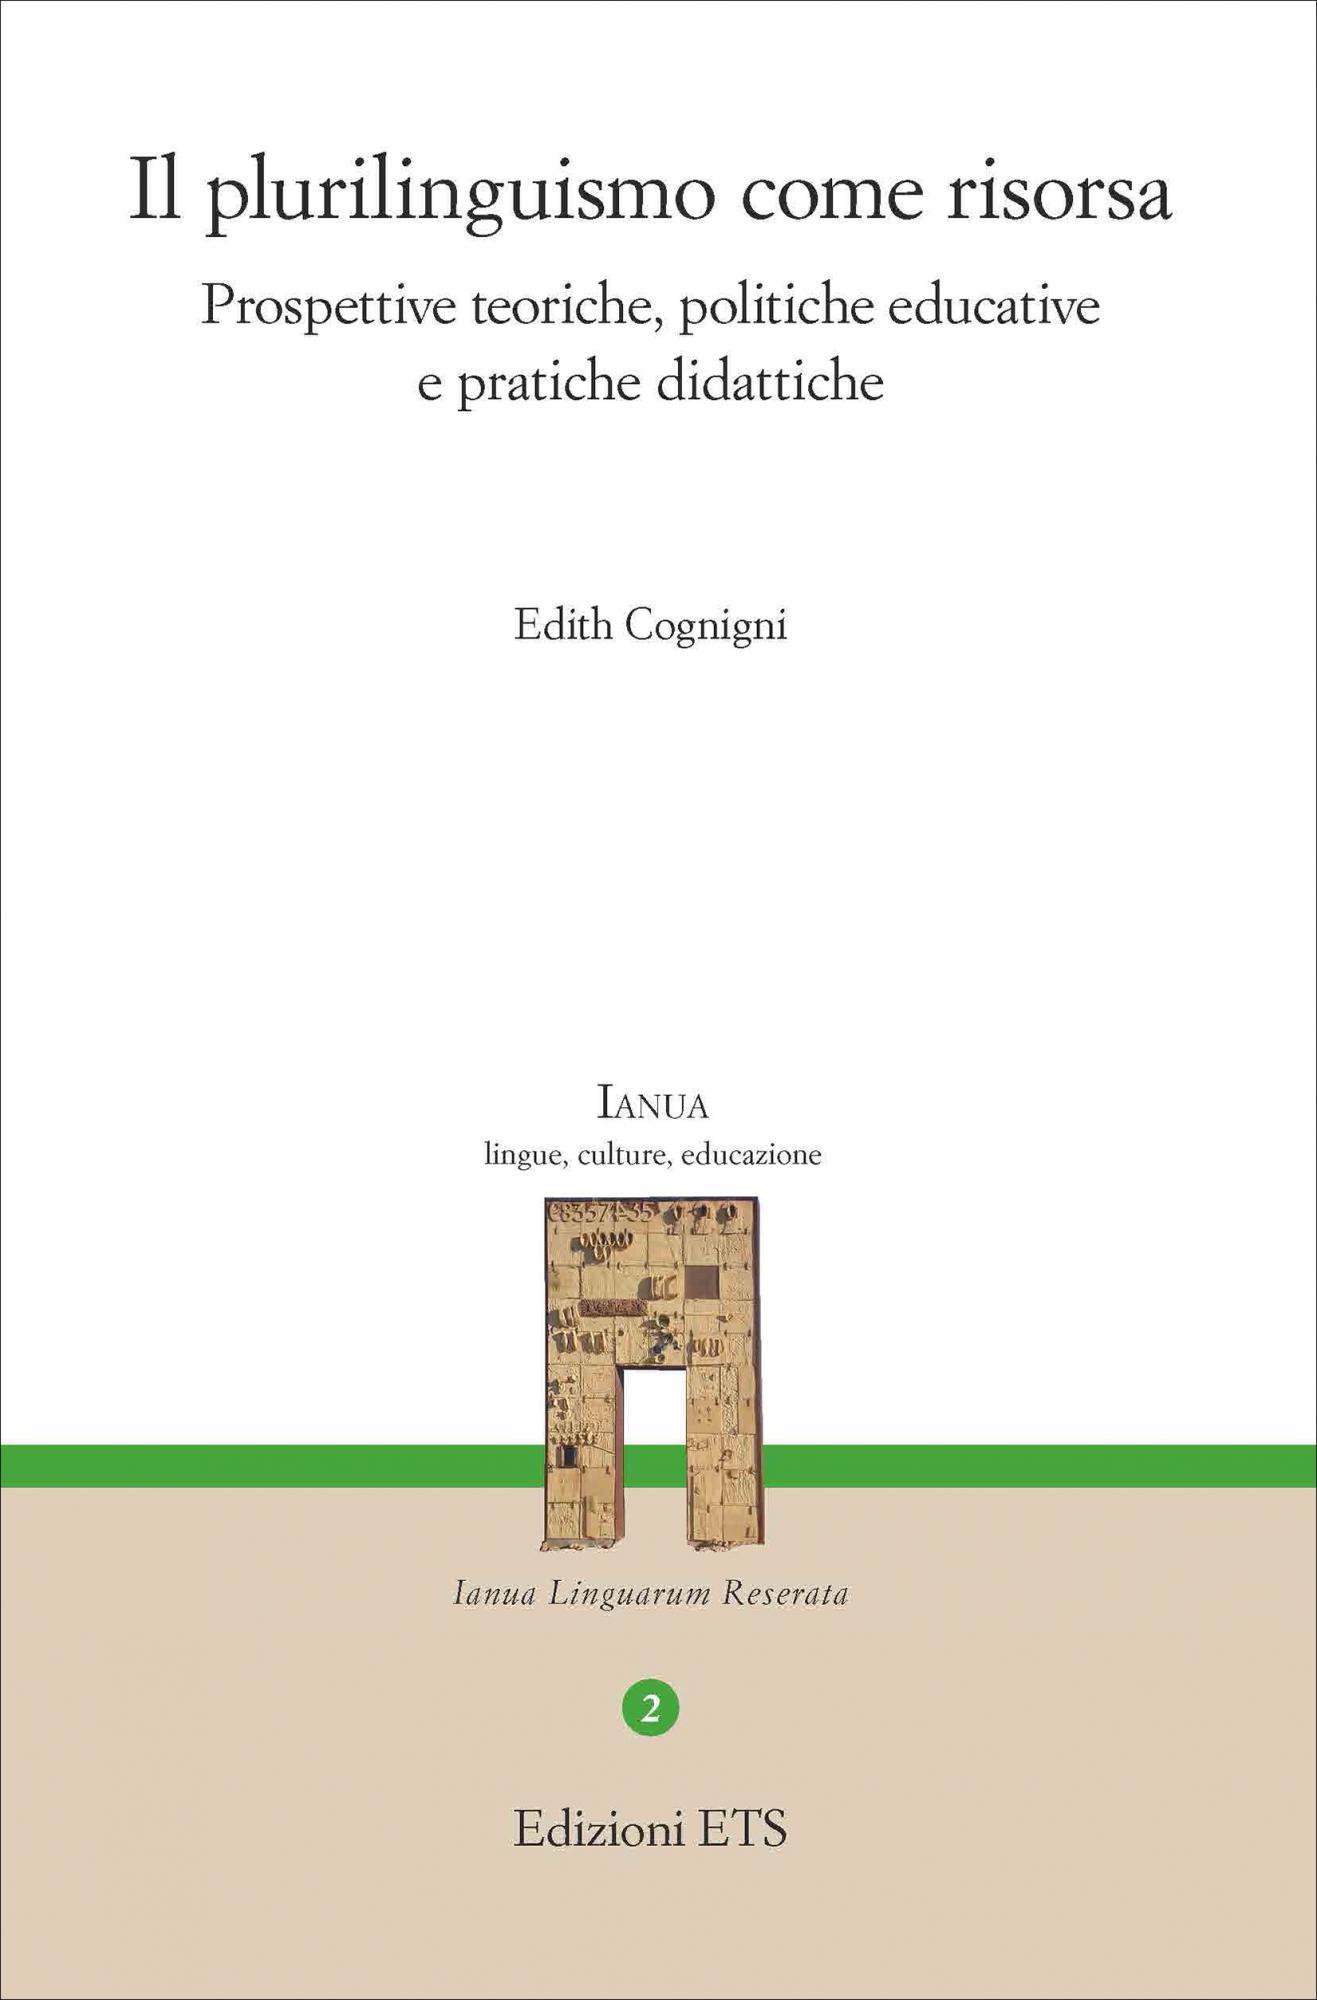 Il plurilinguismo come risorsa.Prospettive teoriche, politiche educative e pratiche didattiche